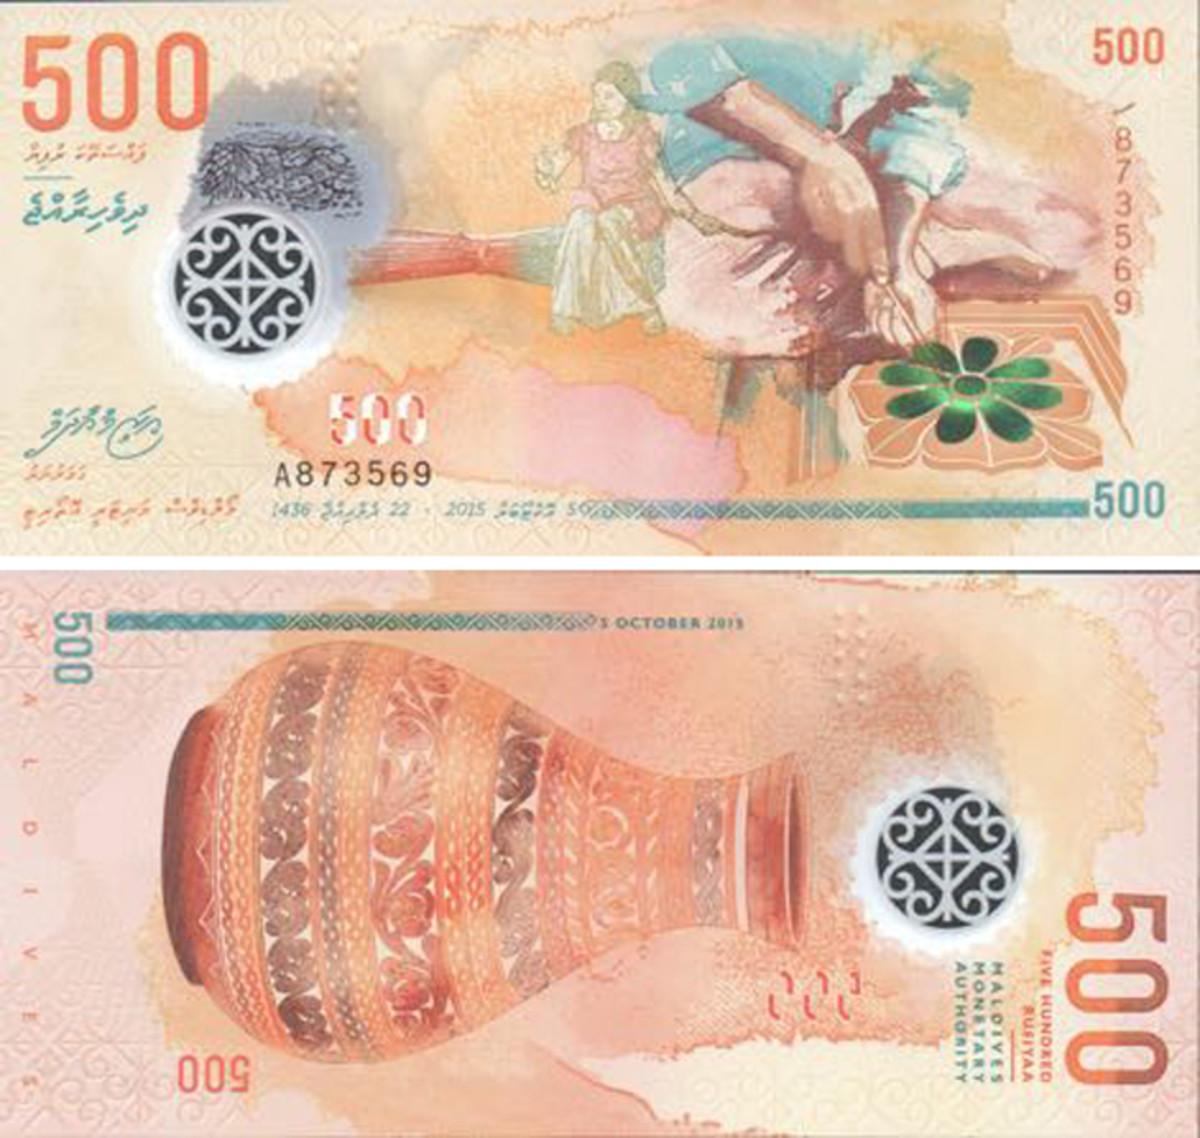 The new 500 rufiyaa note.